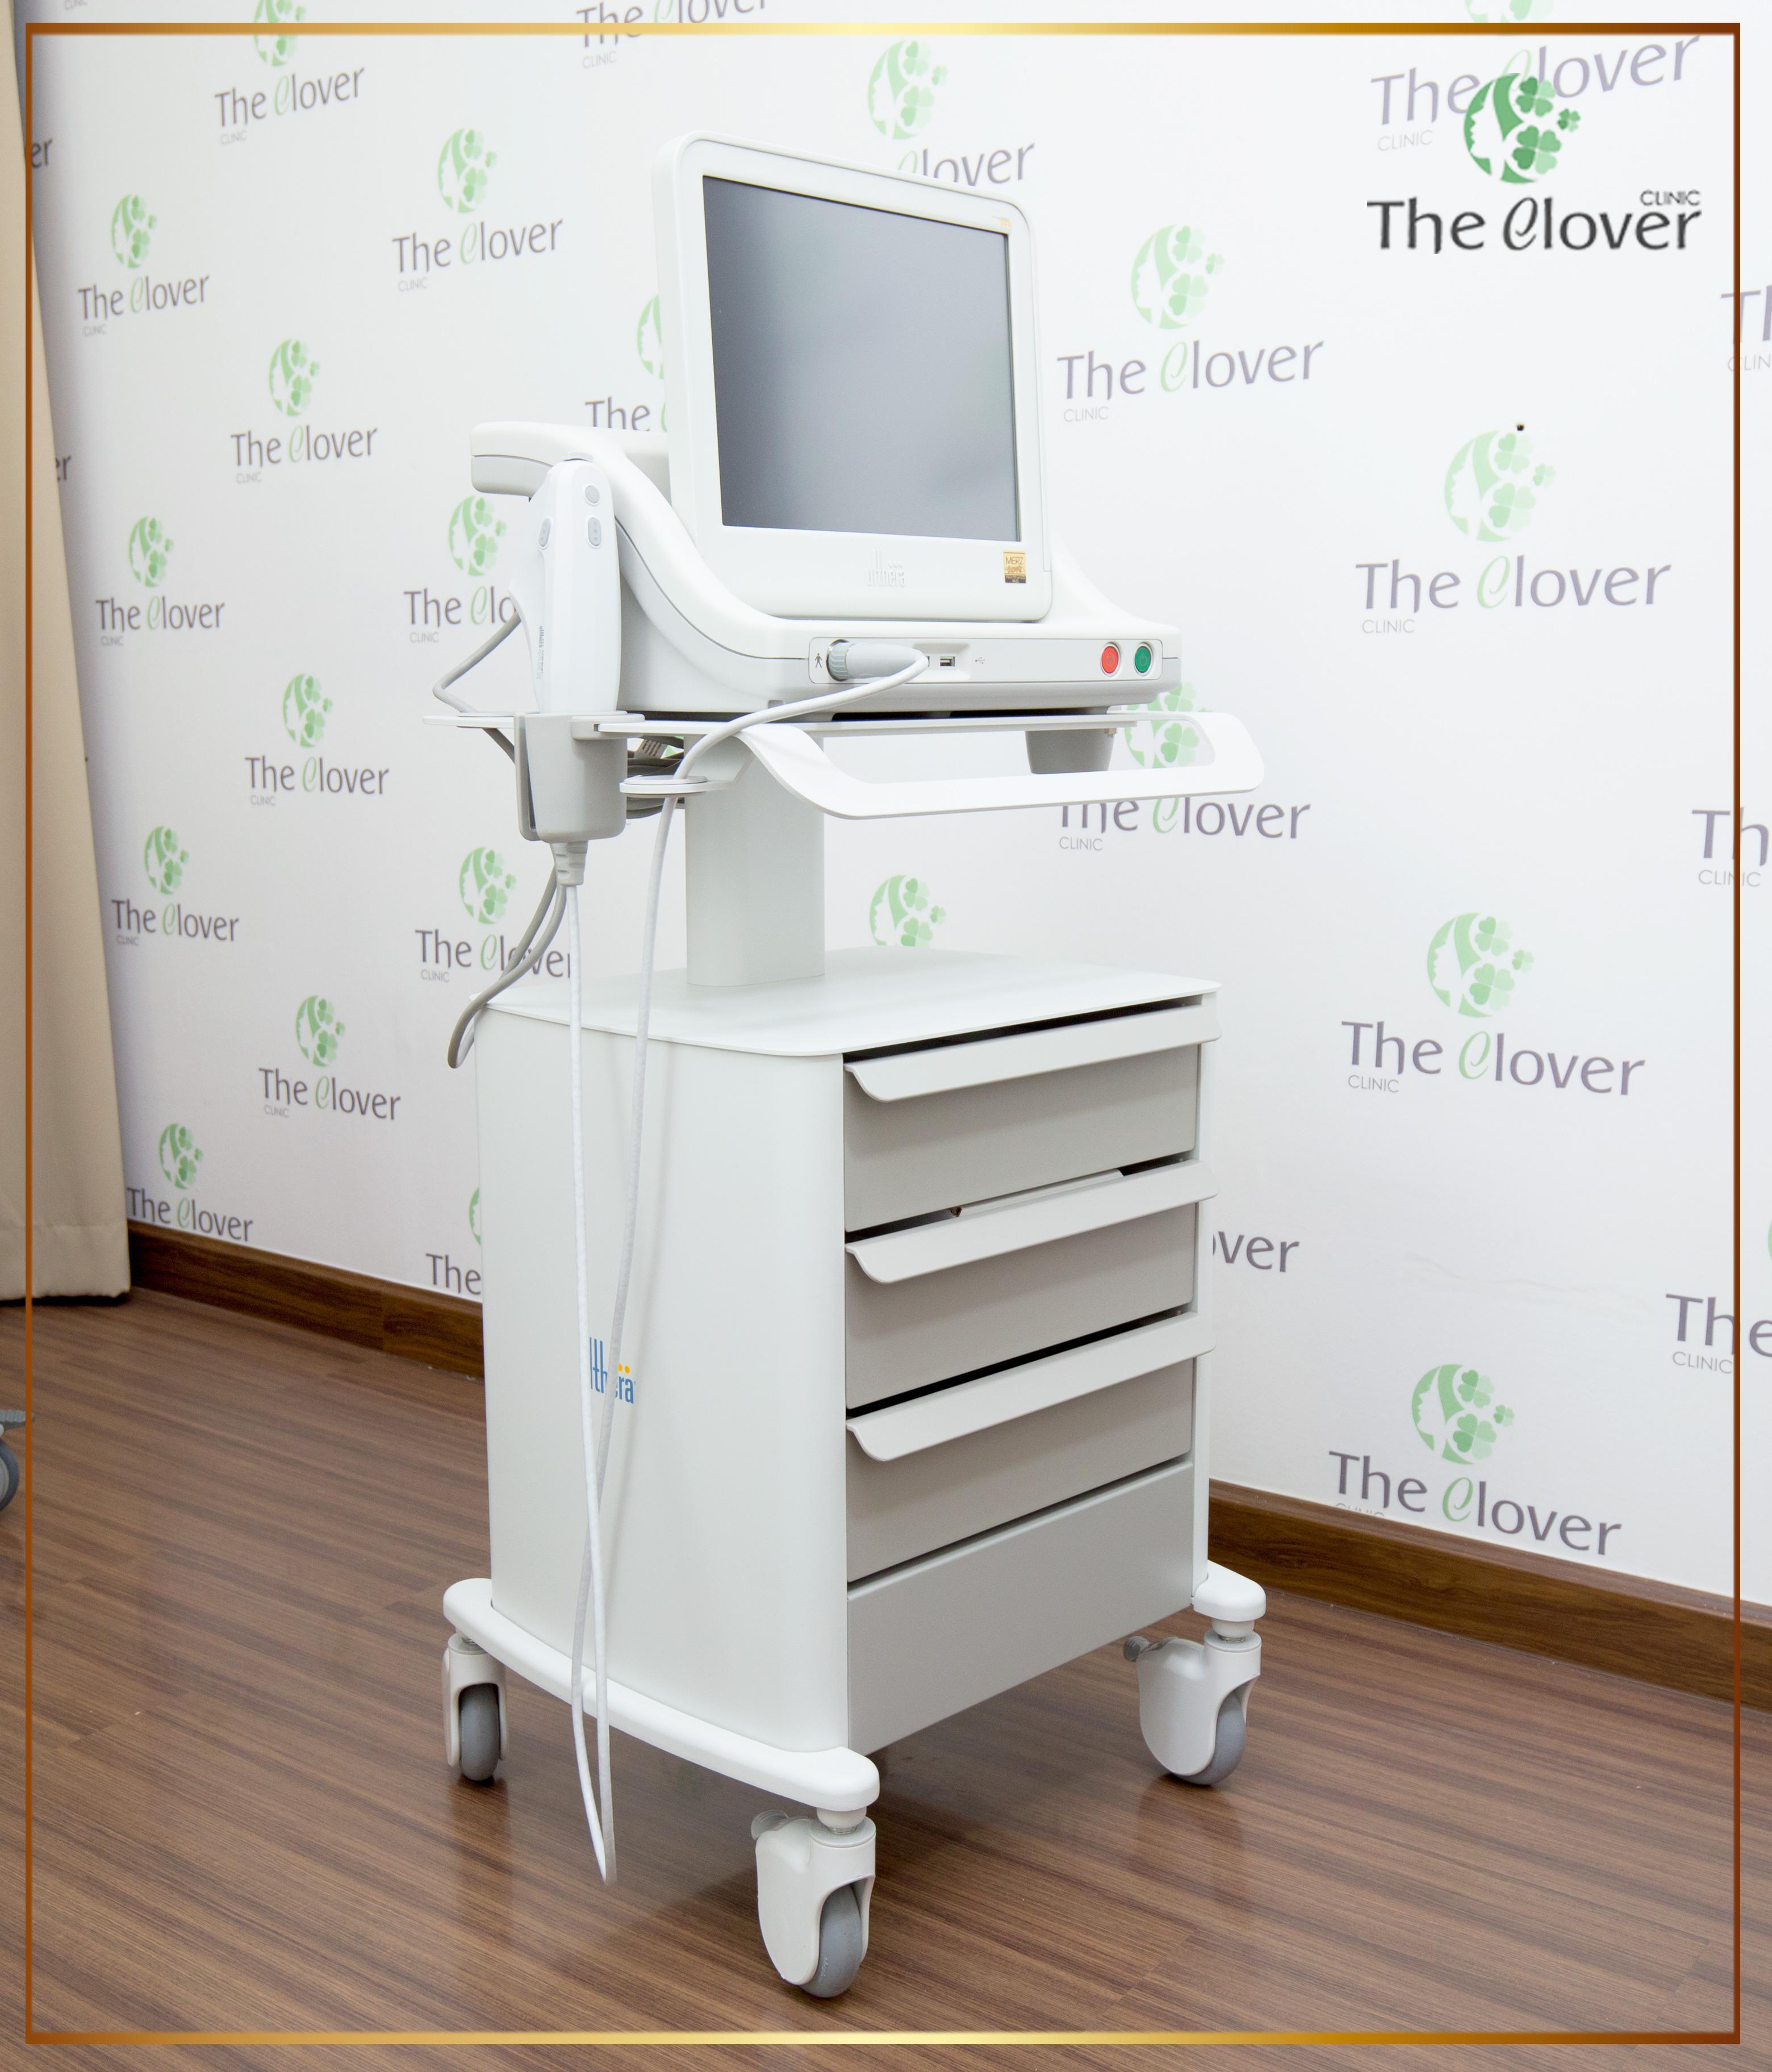 Ulthera อัลเทอร่า รุ่นใหม่ของ The Clover Clinic